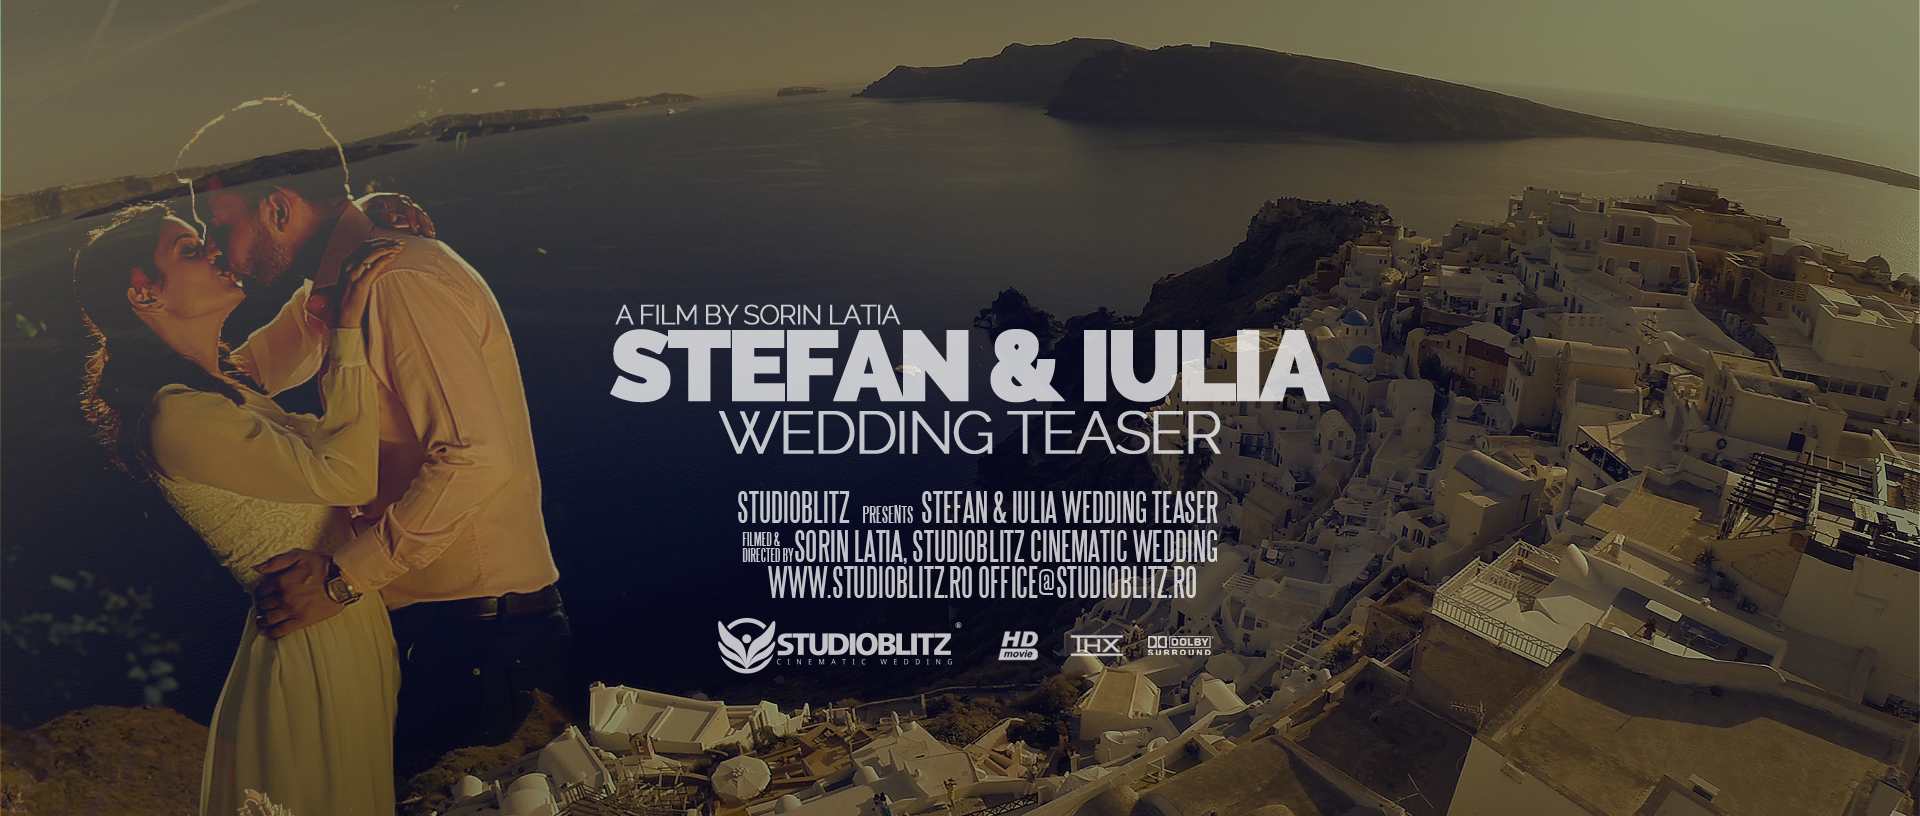 coperta-filmari-nunti-de-vis-cu-stefan-si-iulia